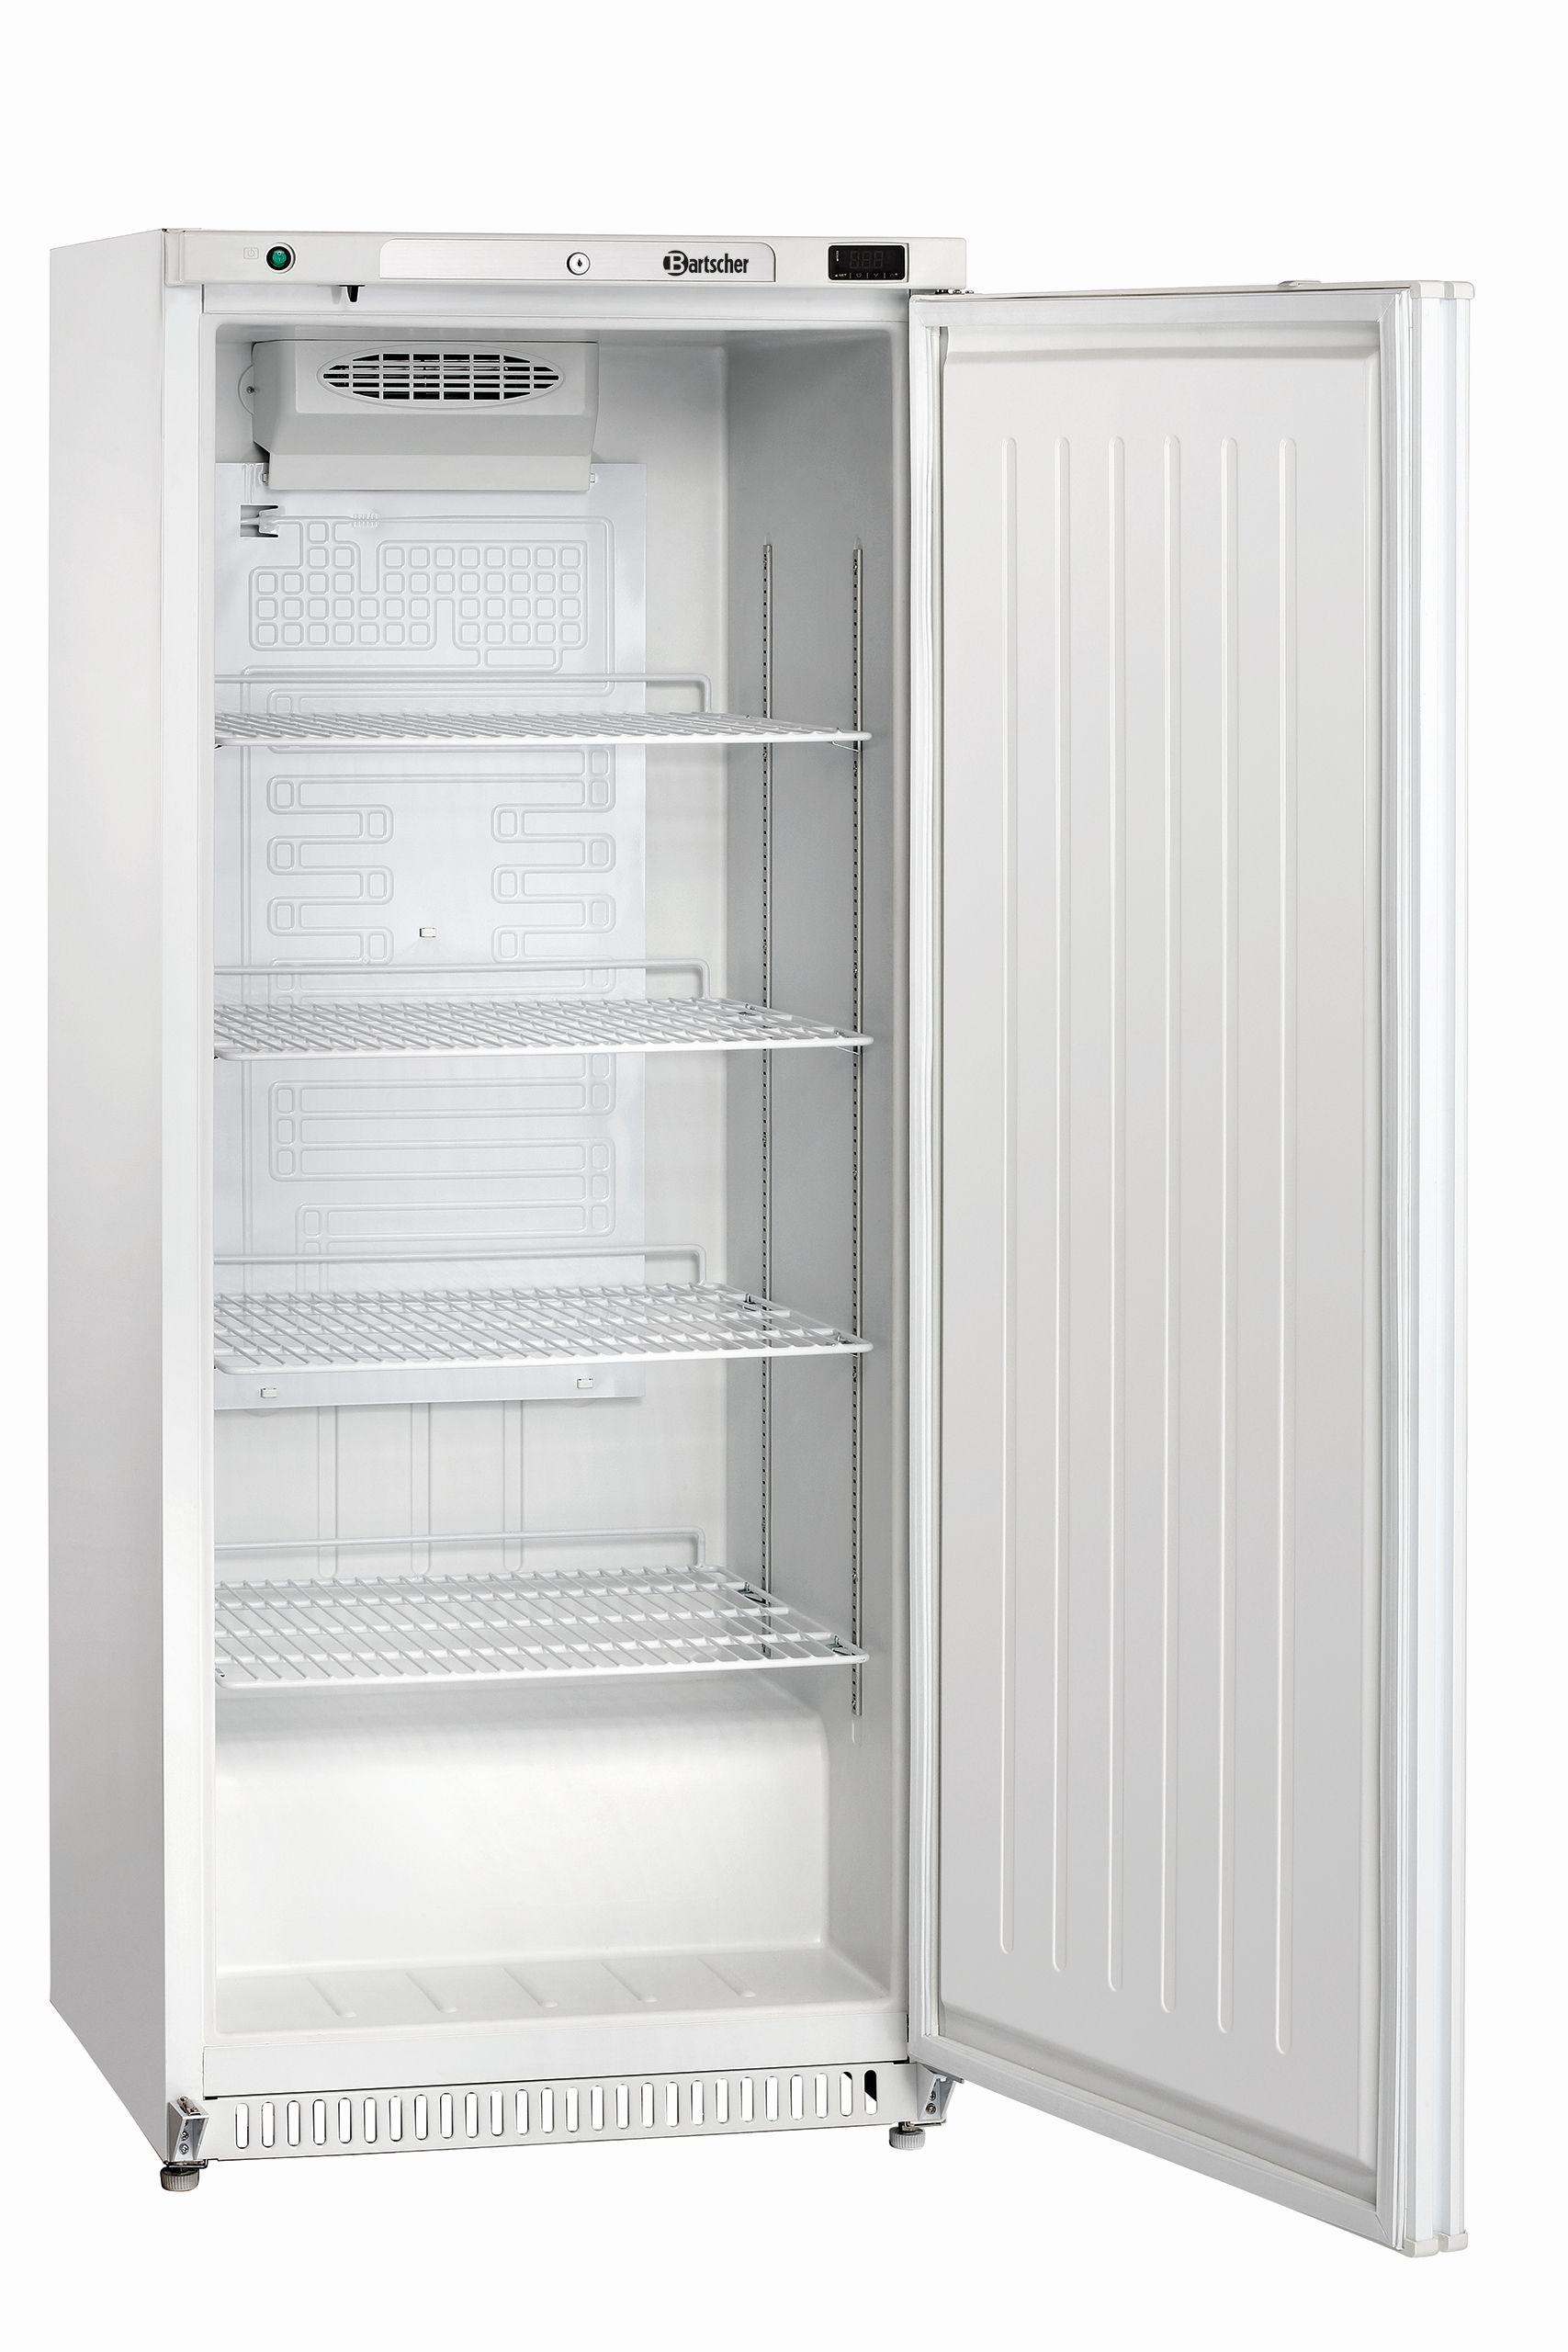 Erfreut Gastro Kühlschrank Zeitgenössisch - Schlafzimmer Ideen ...